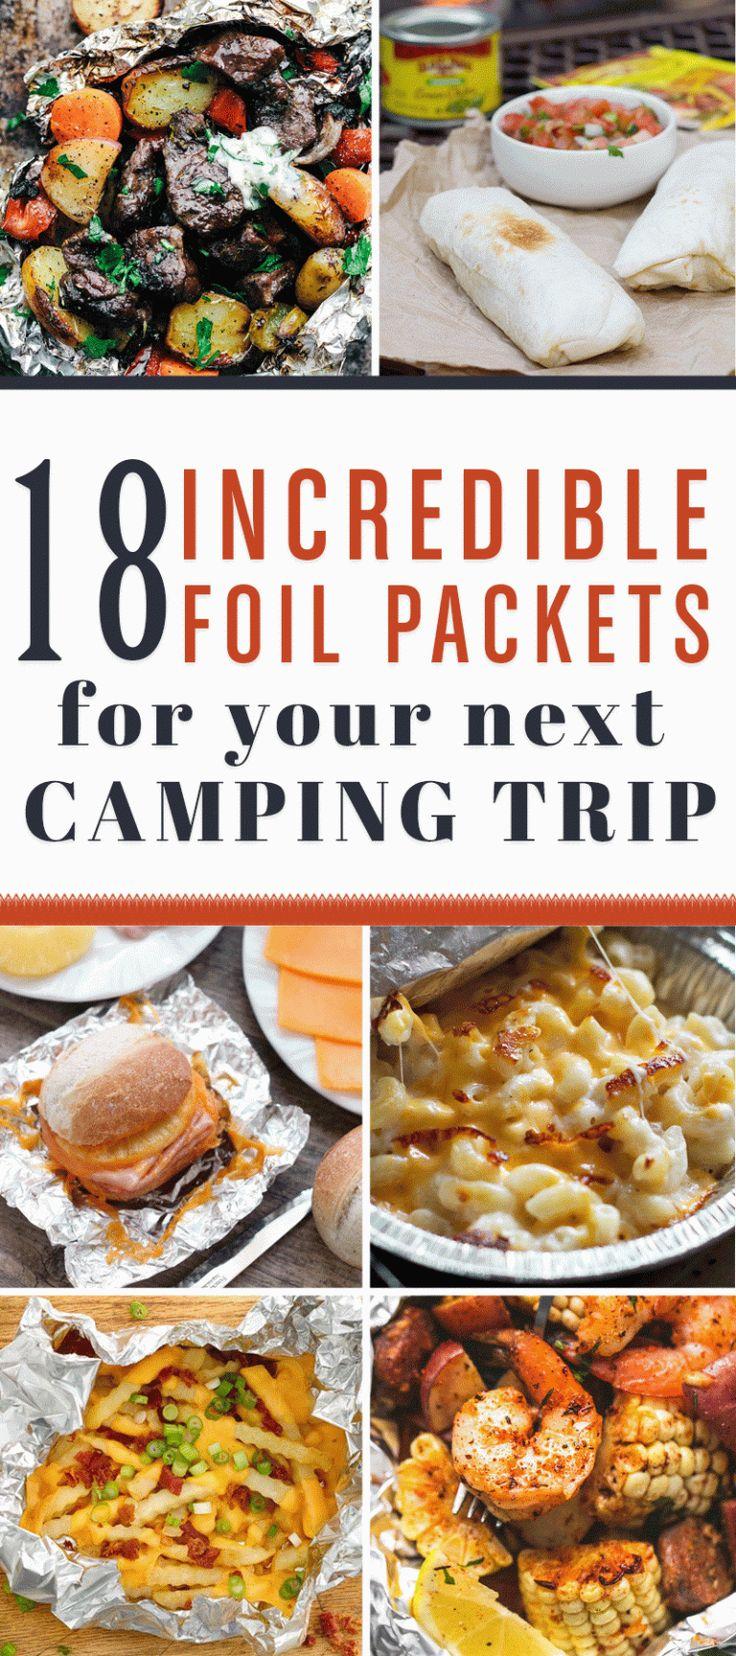 Delicious Foil Camping Meals Köstliche Campingfolienpakete, die Ihnen gefallen werden …